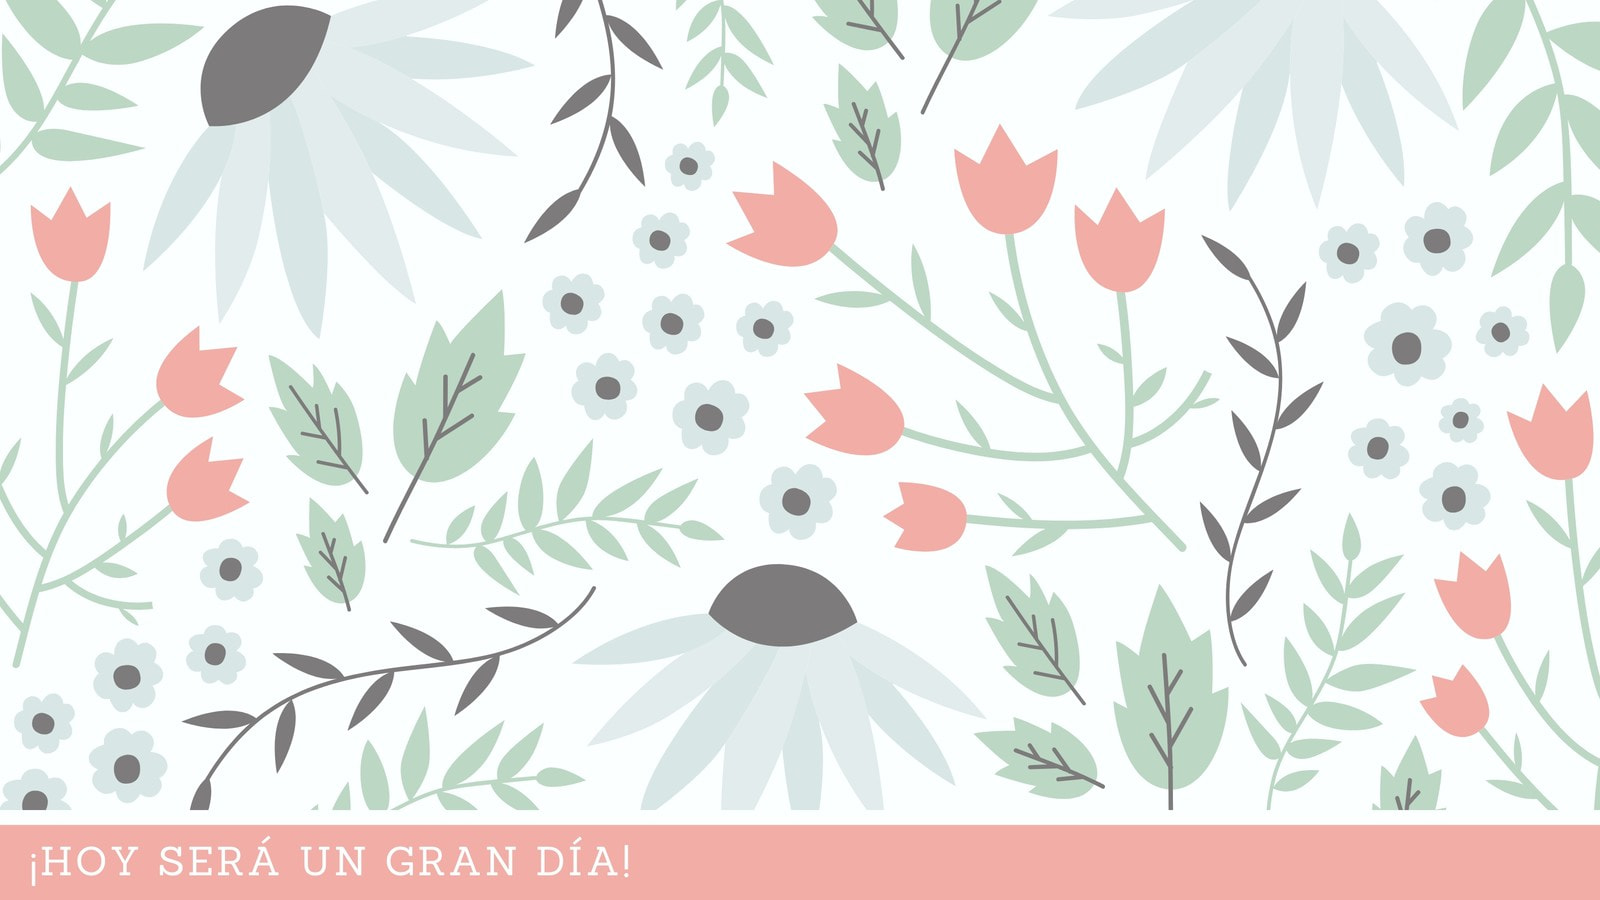 Pastel Flores y Hojas Ilustración Creativo Fondo de Pantalla